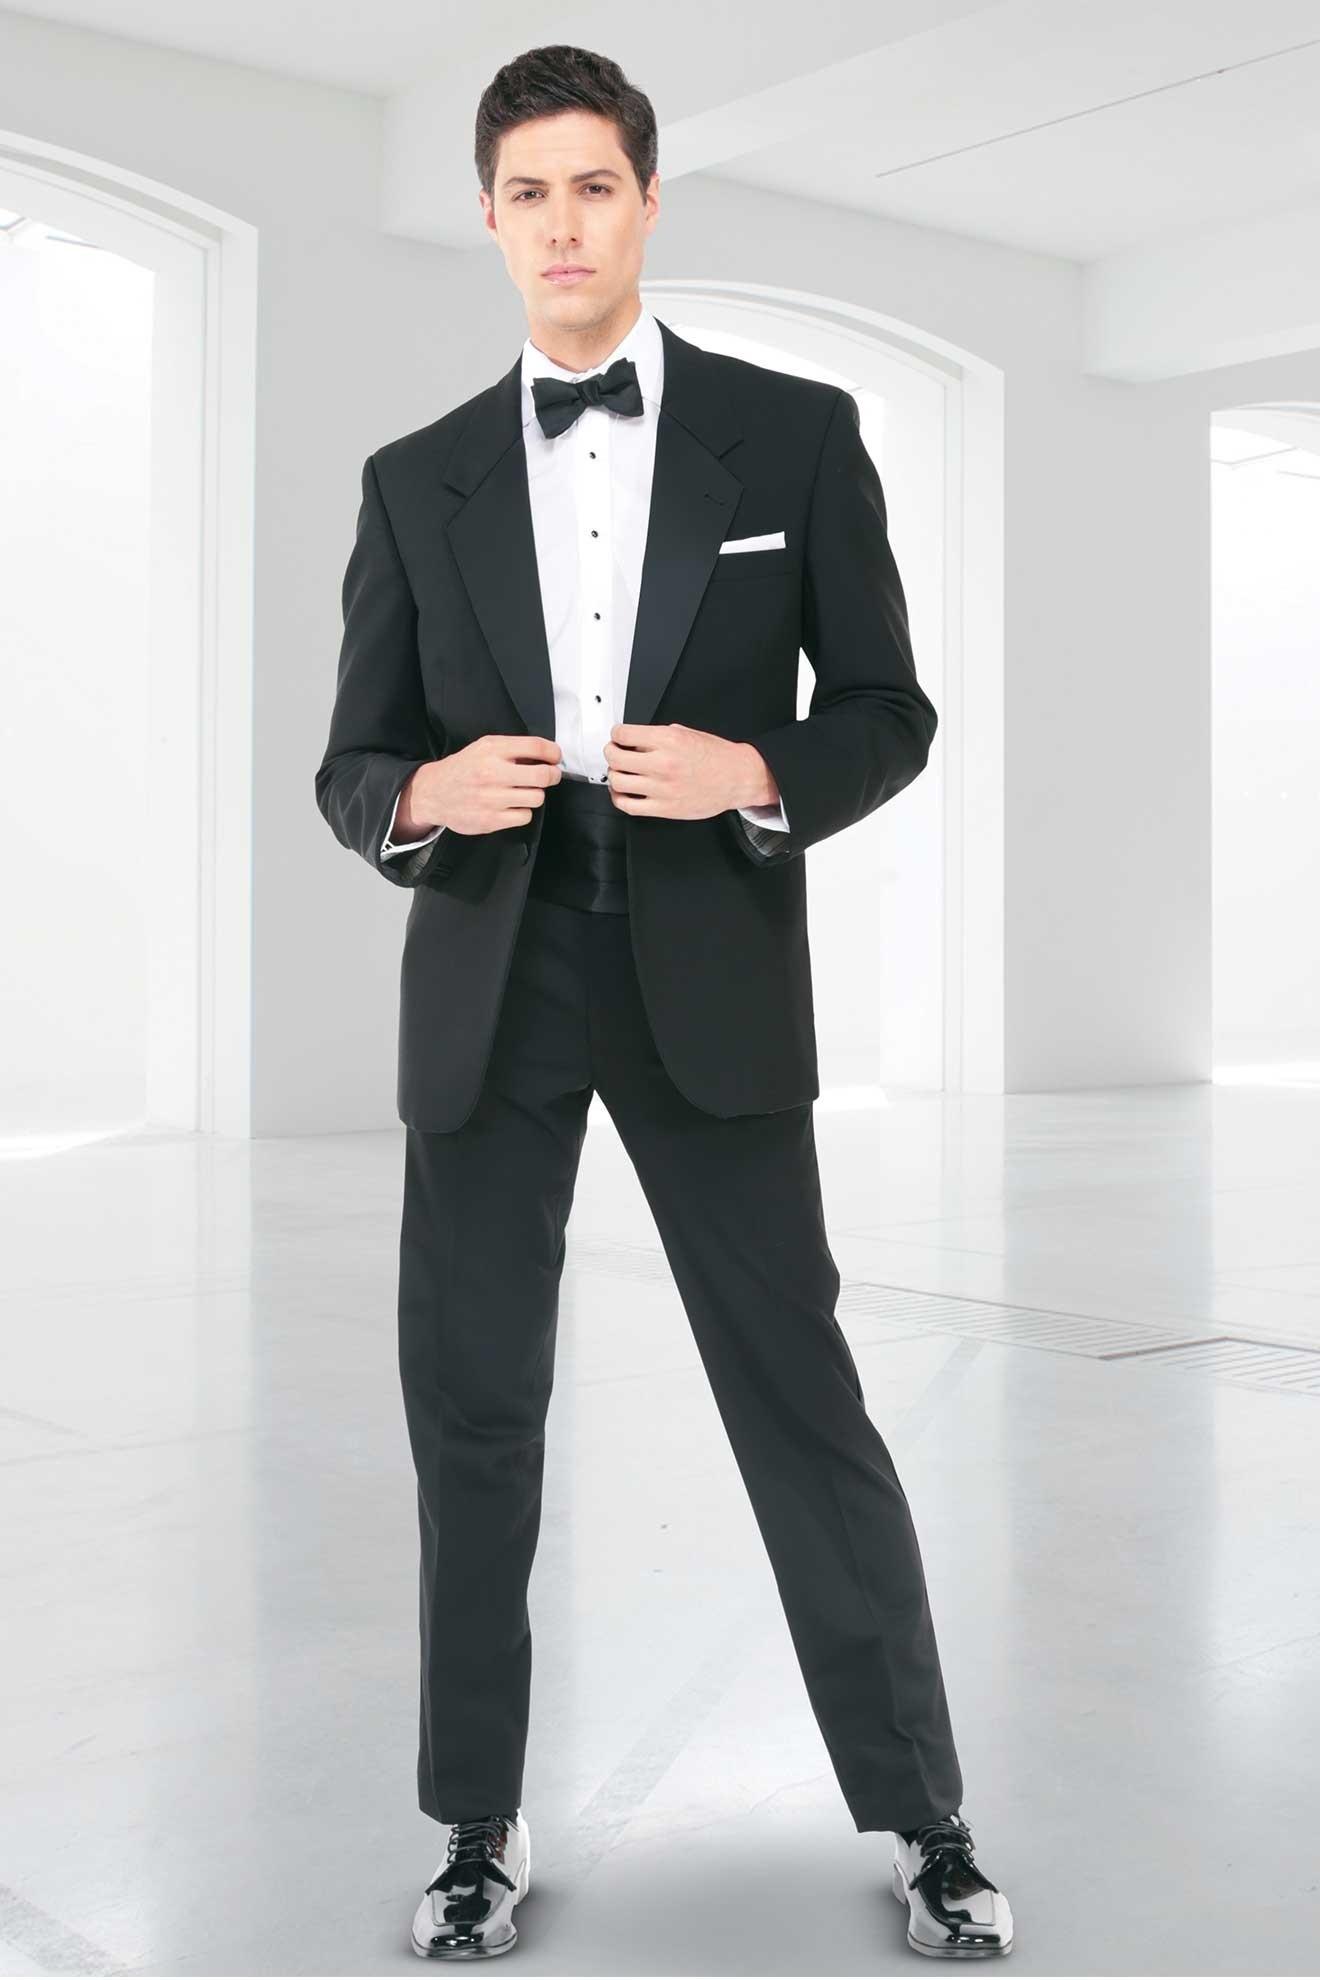 milroy u0026 39 s tuxedos